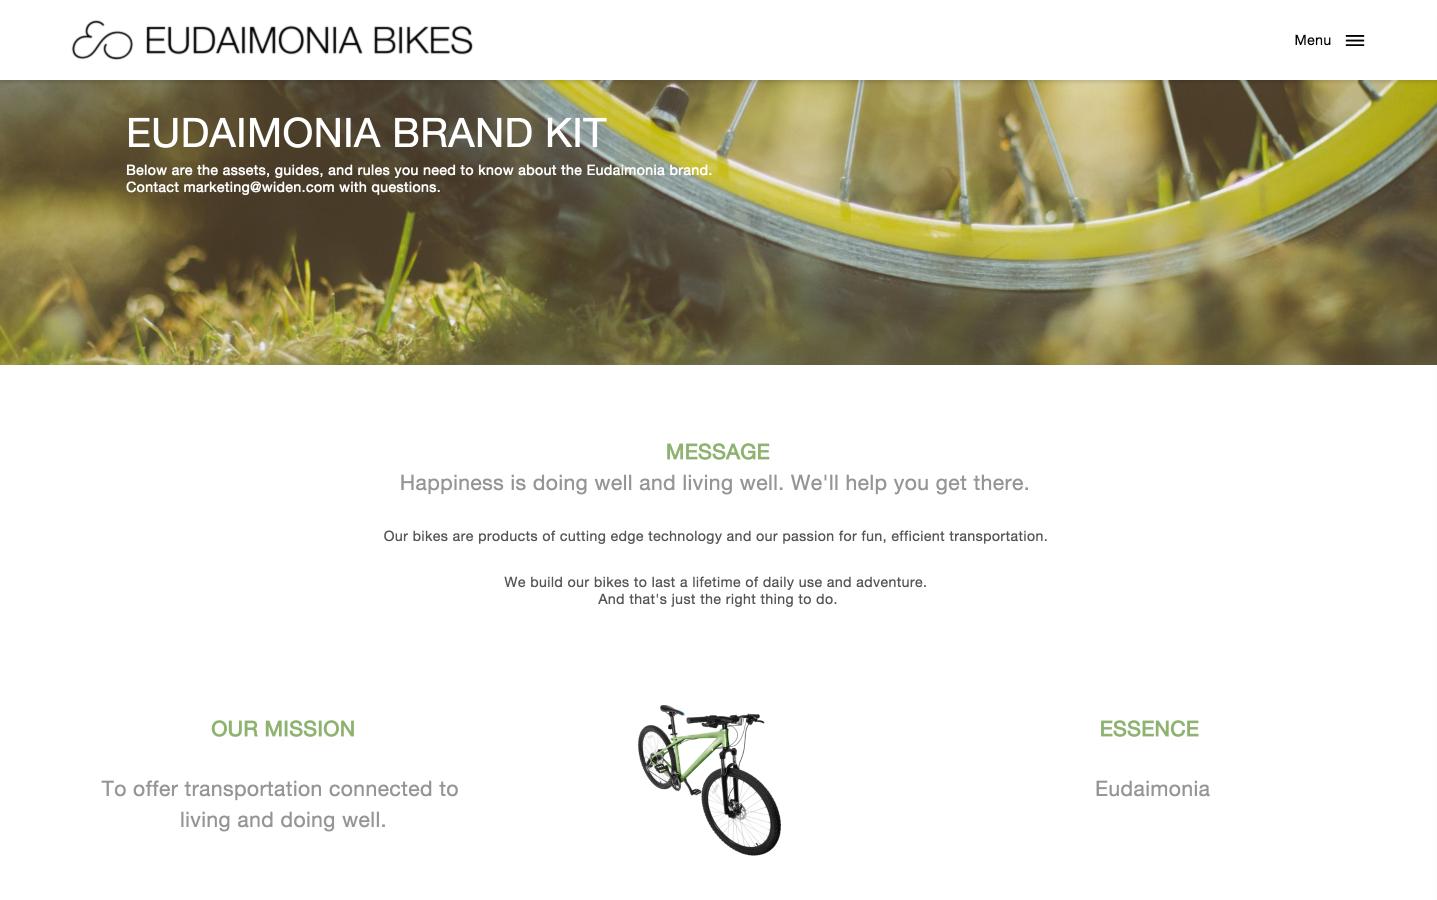 Eudaimonia Bikes Brand Kit Example